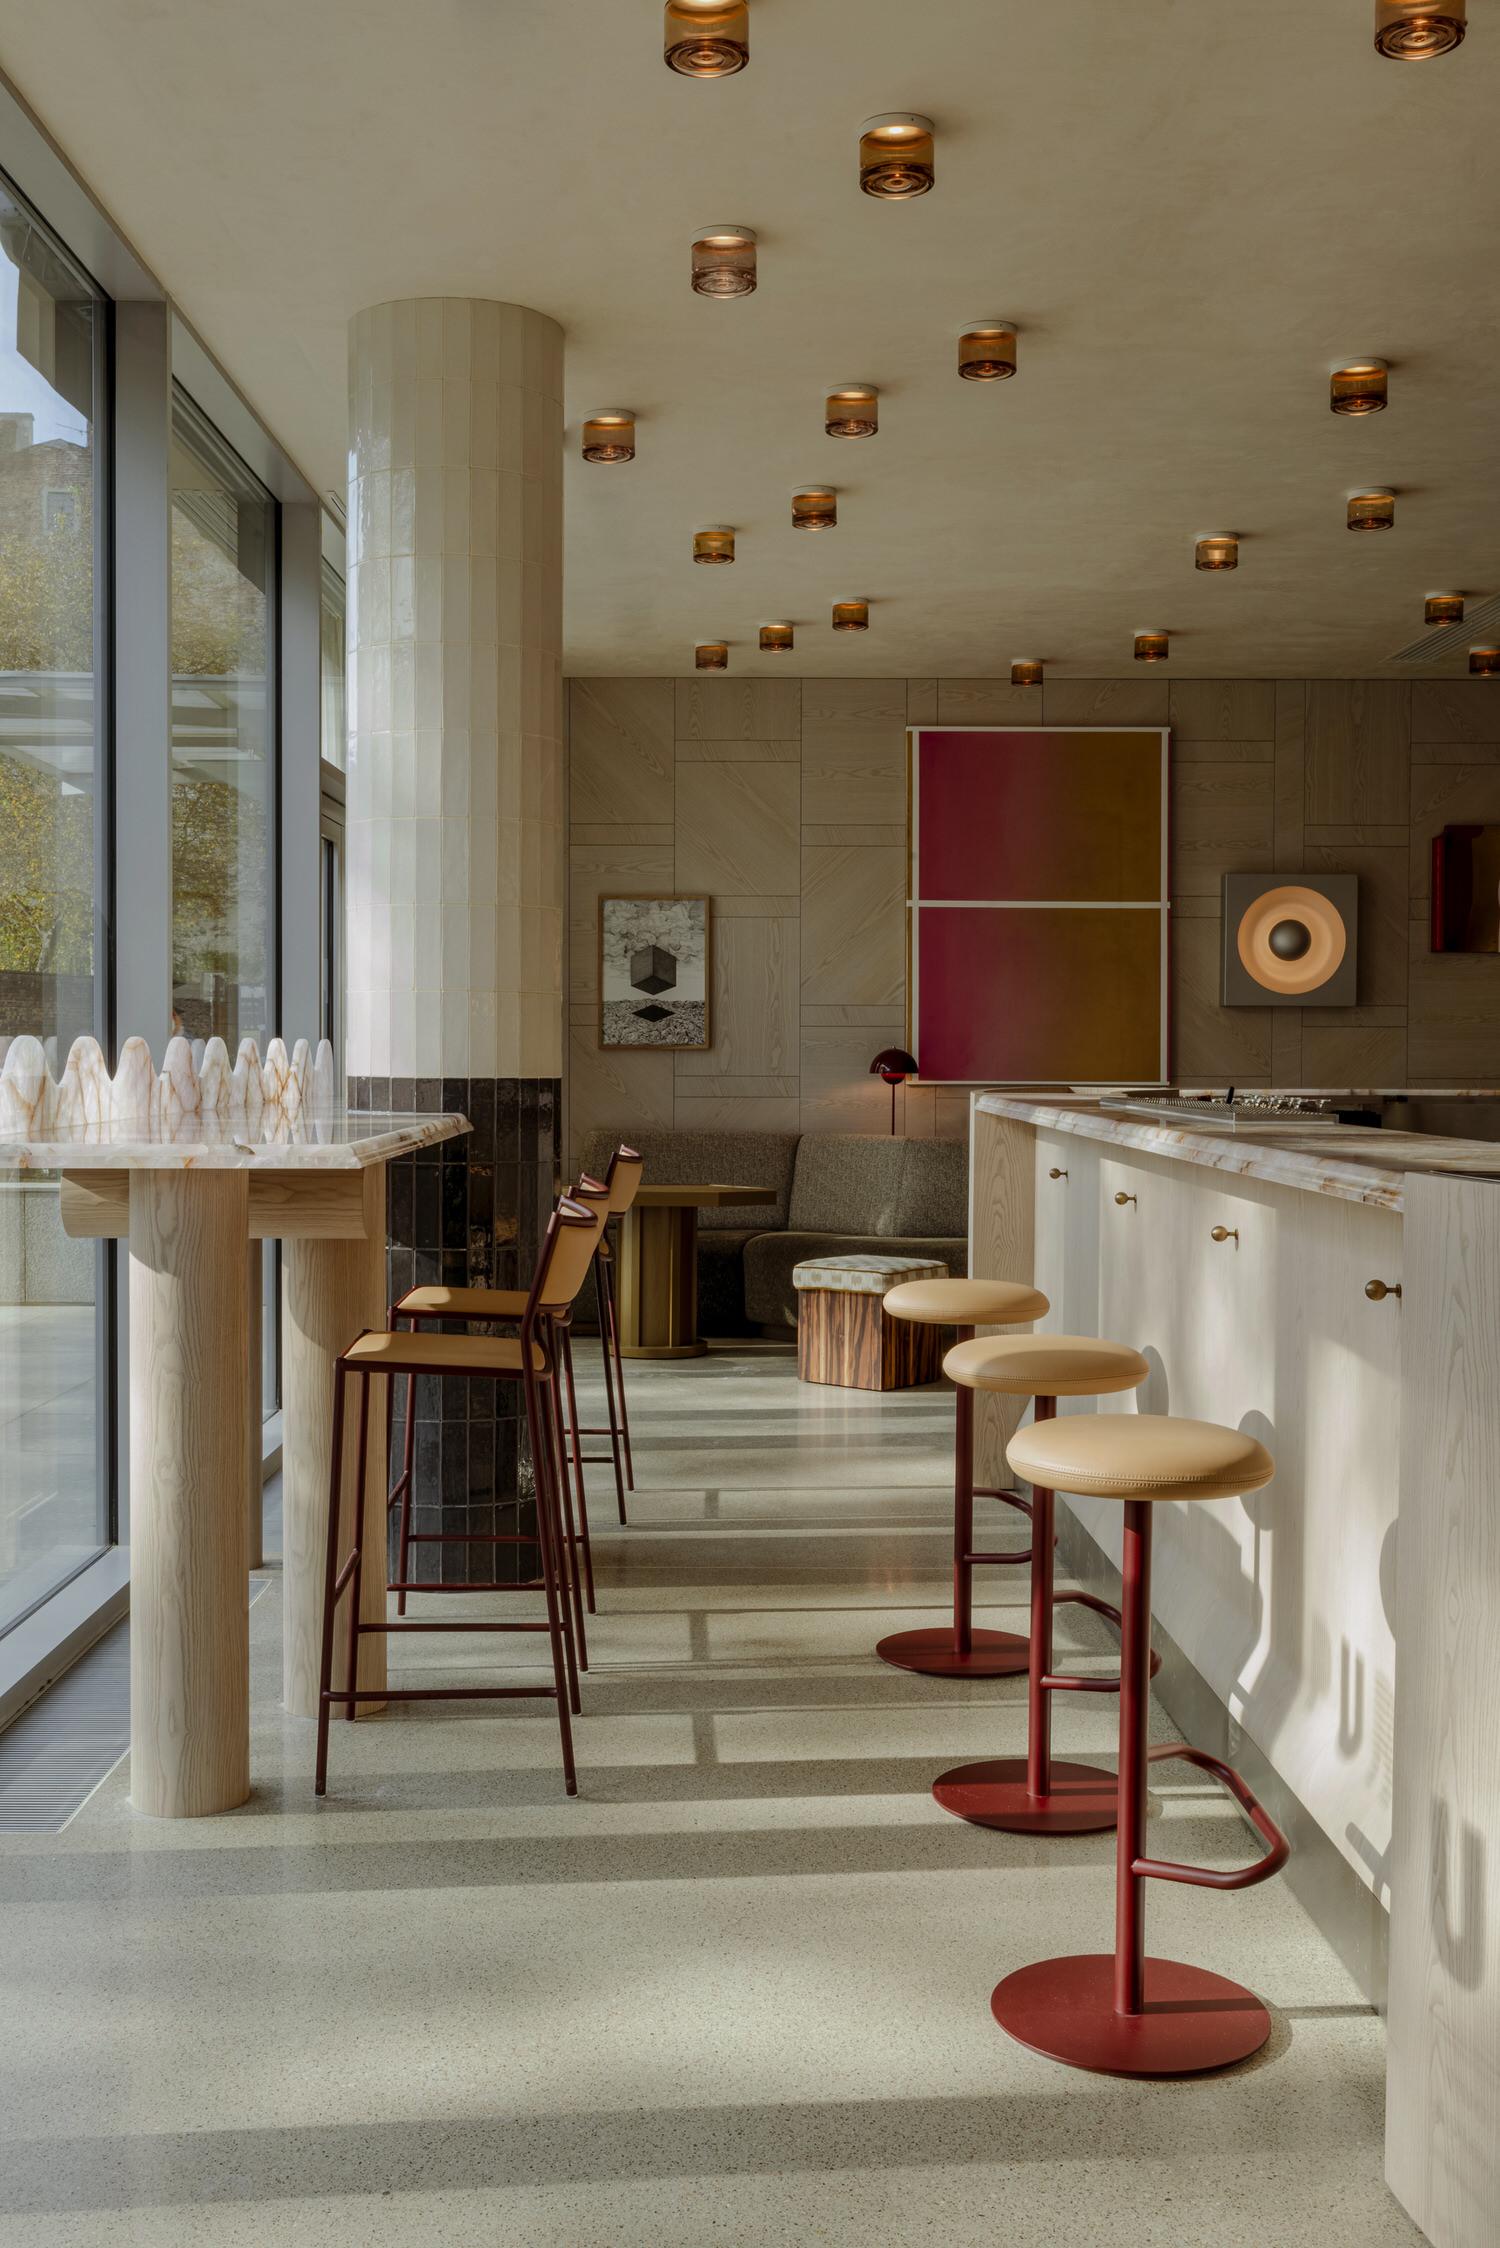 Paradowski Studio Puro Hotel Krakow Photo Pion Studio Yellowtrace 10